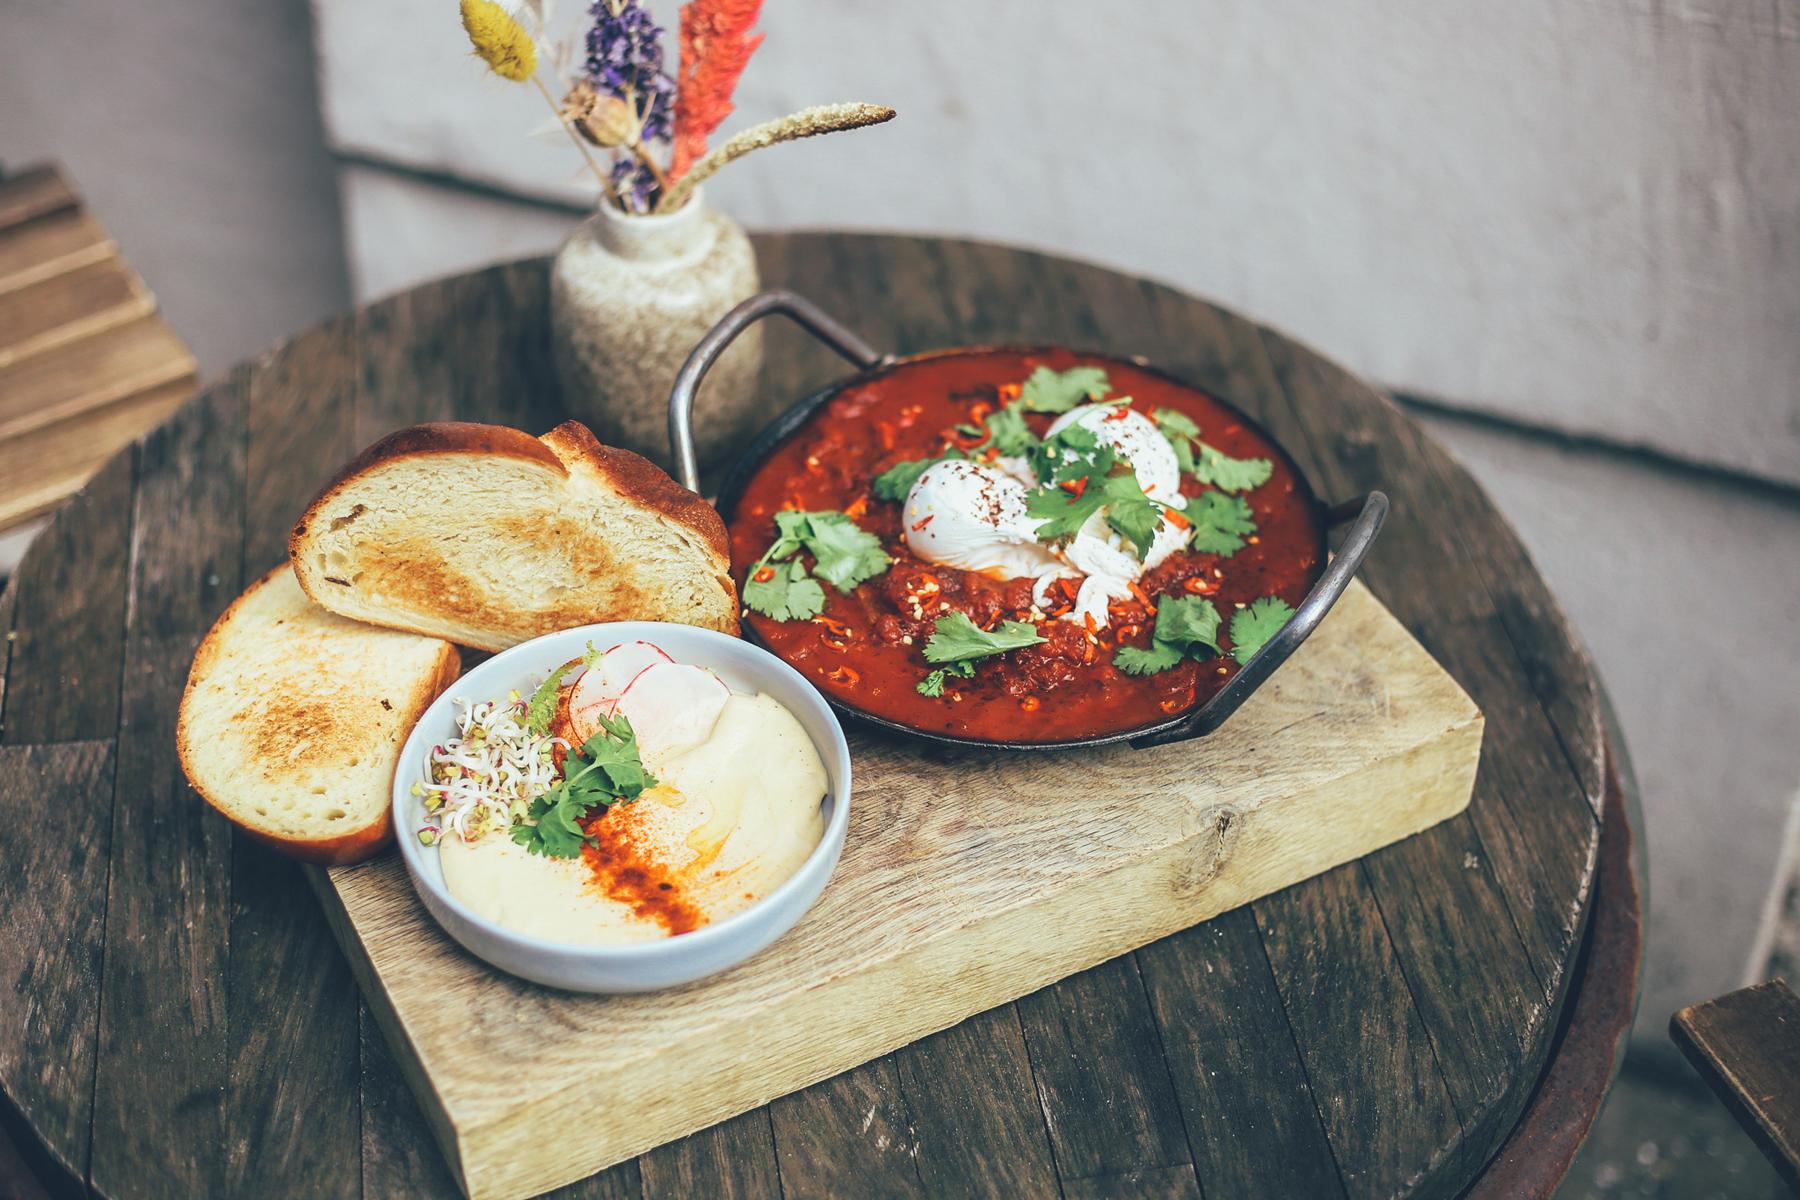 Scharfe Tomaten, cremiger Humus und Eier mit flüssigem Eigelb!